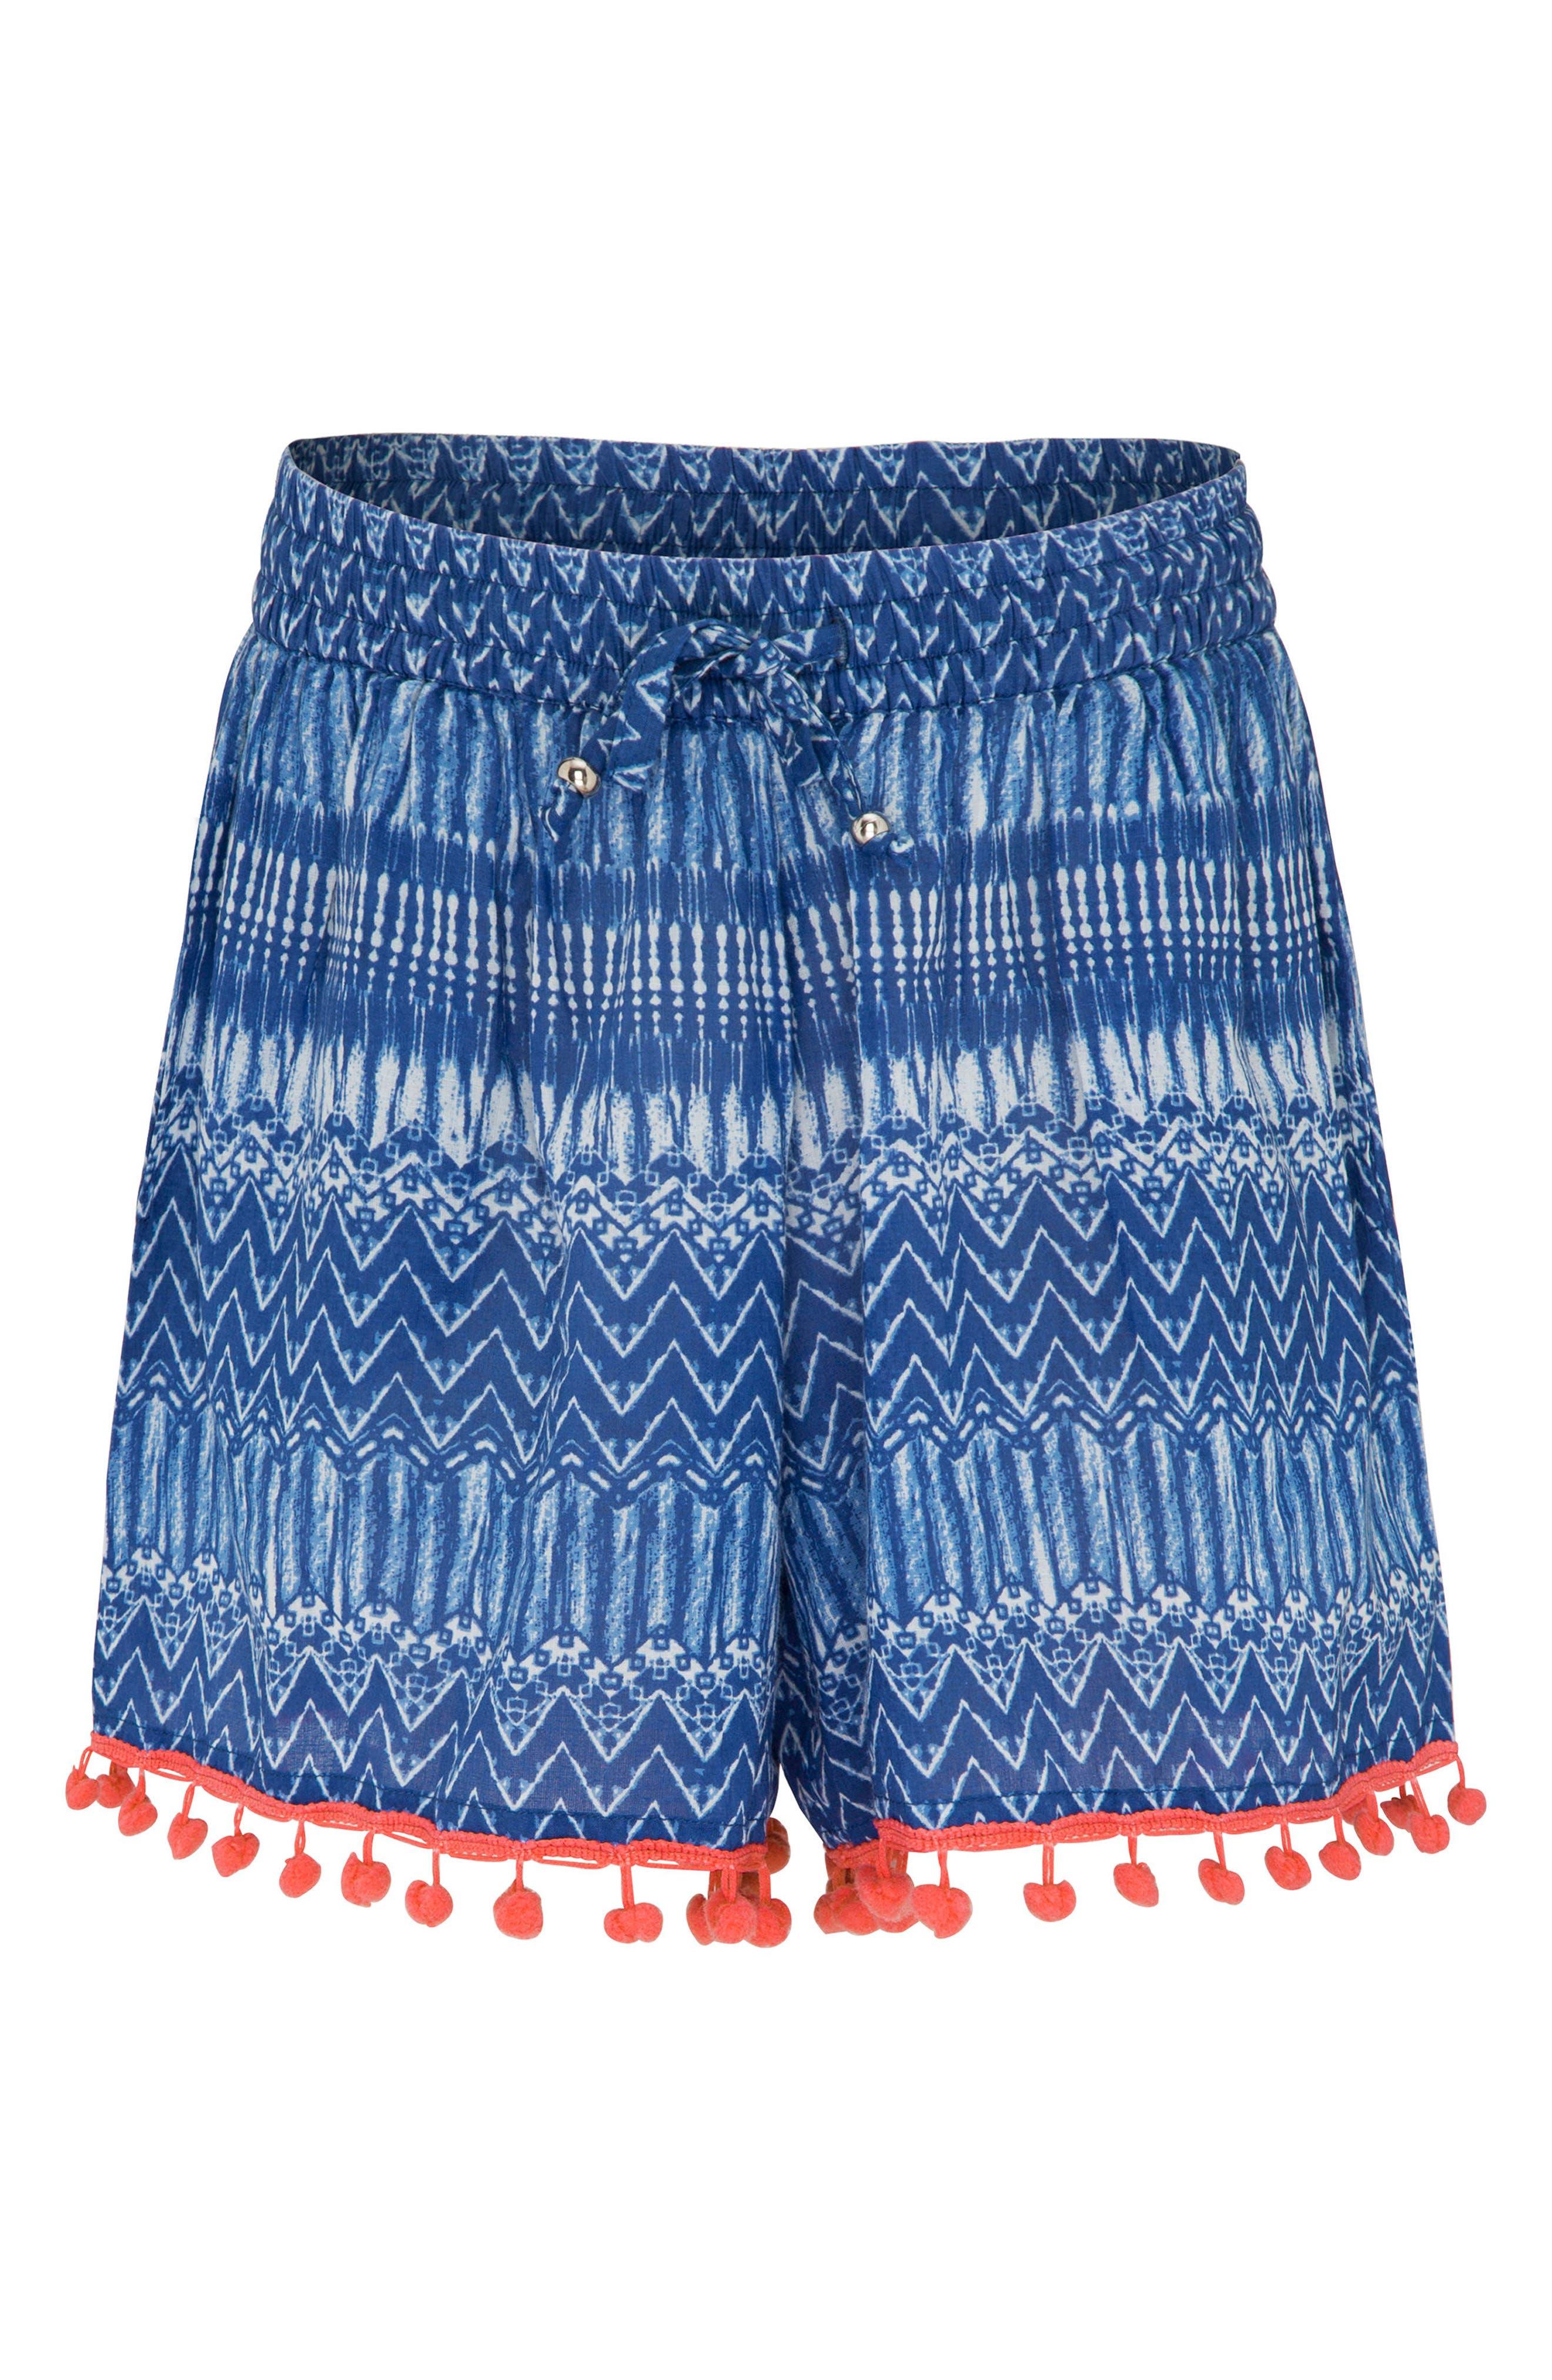 Print Cover-Up Shorts,                         Main,                         color, Indigo Waves